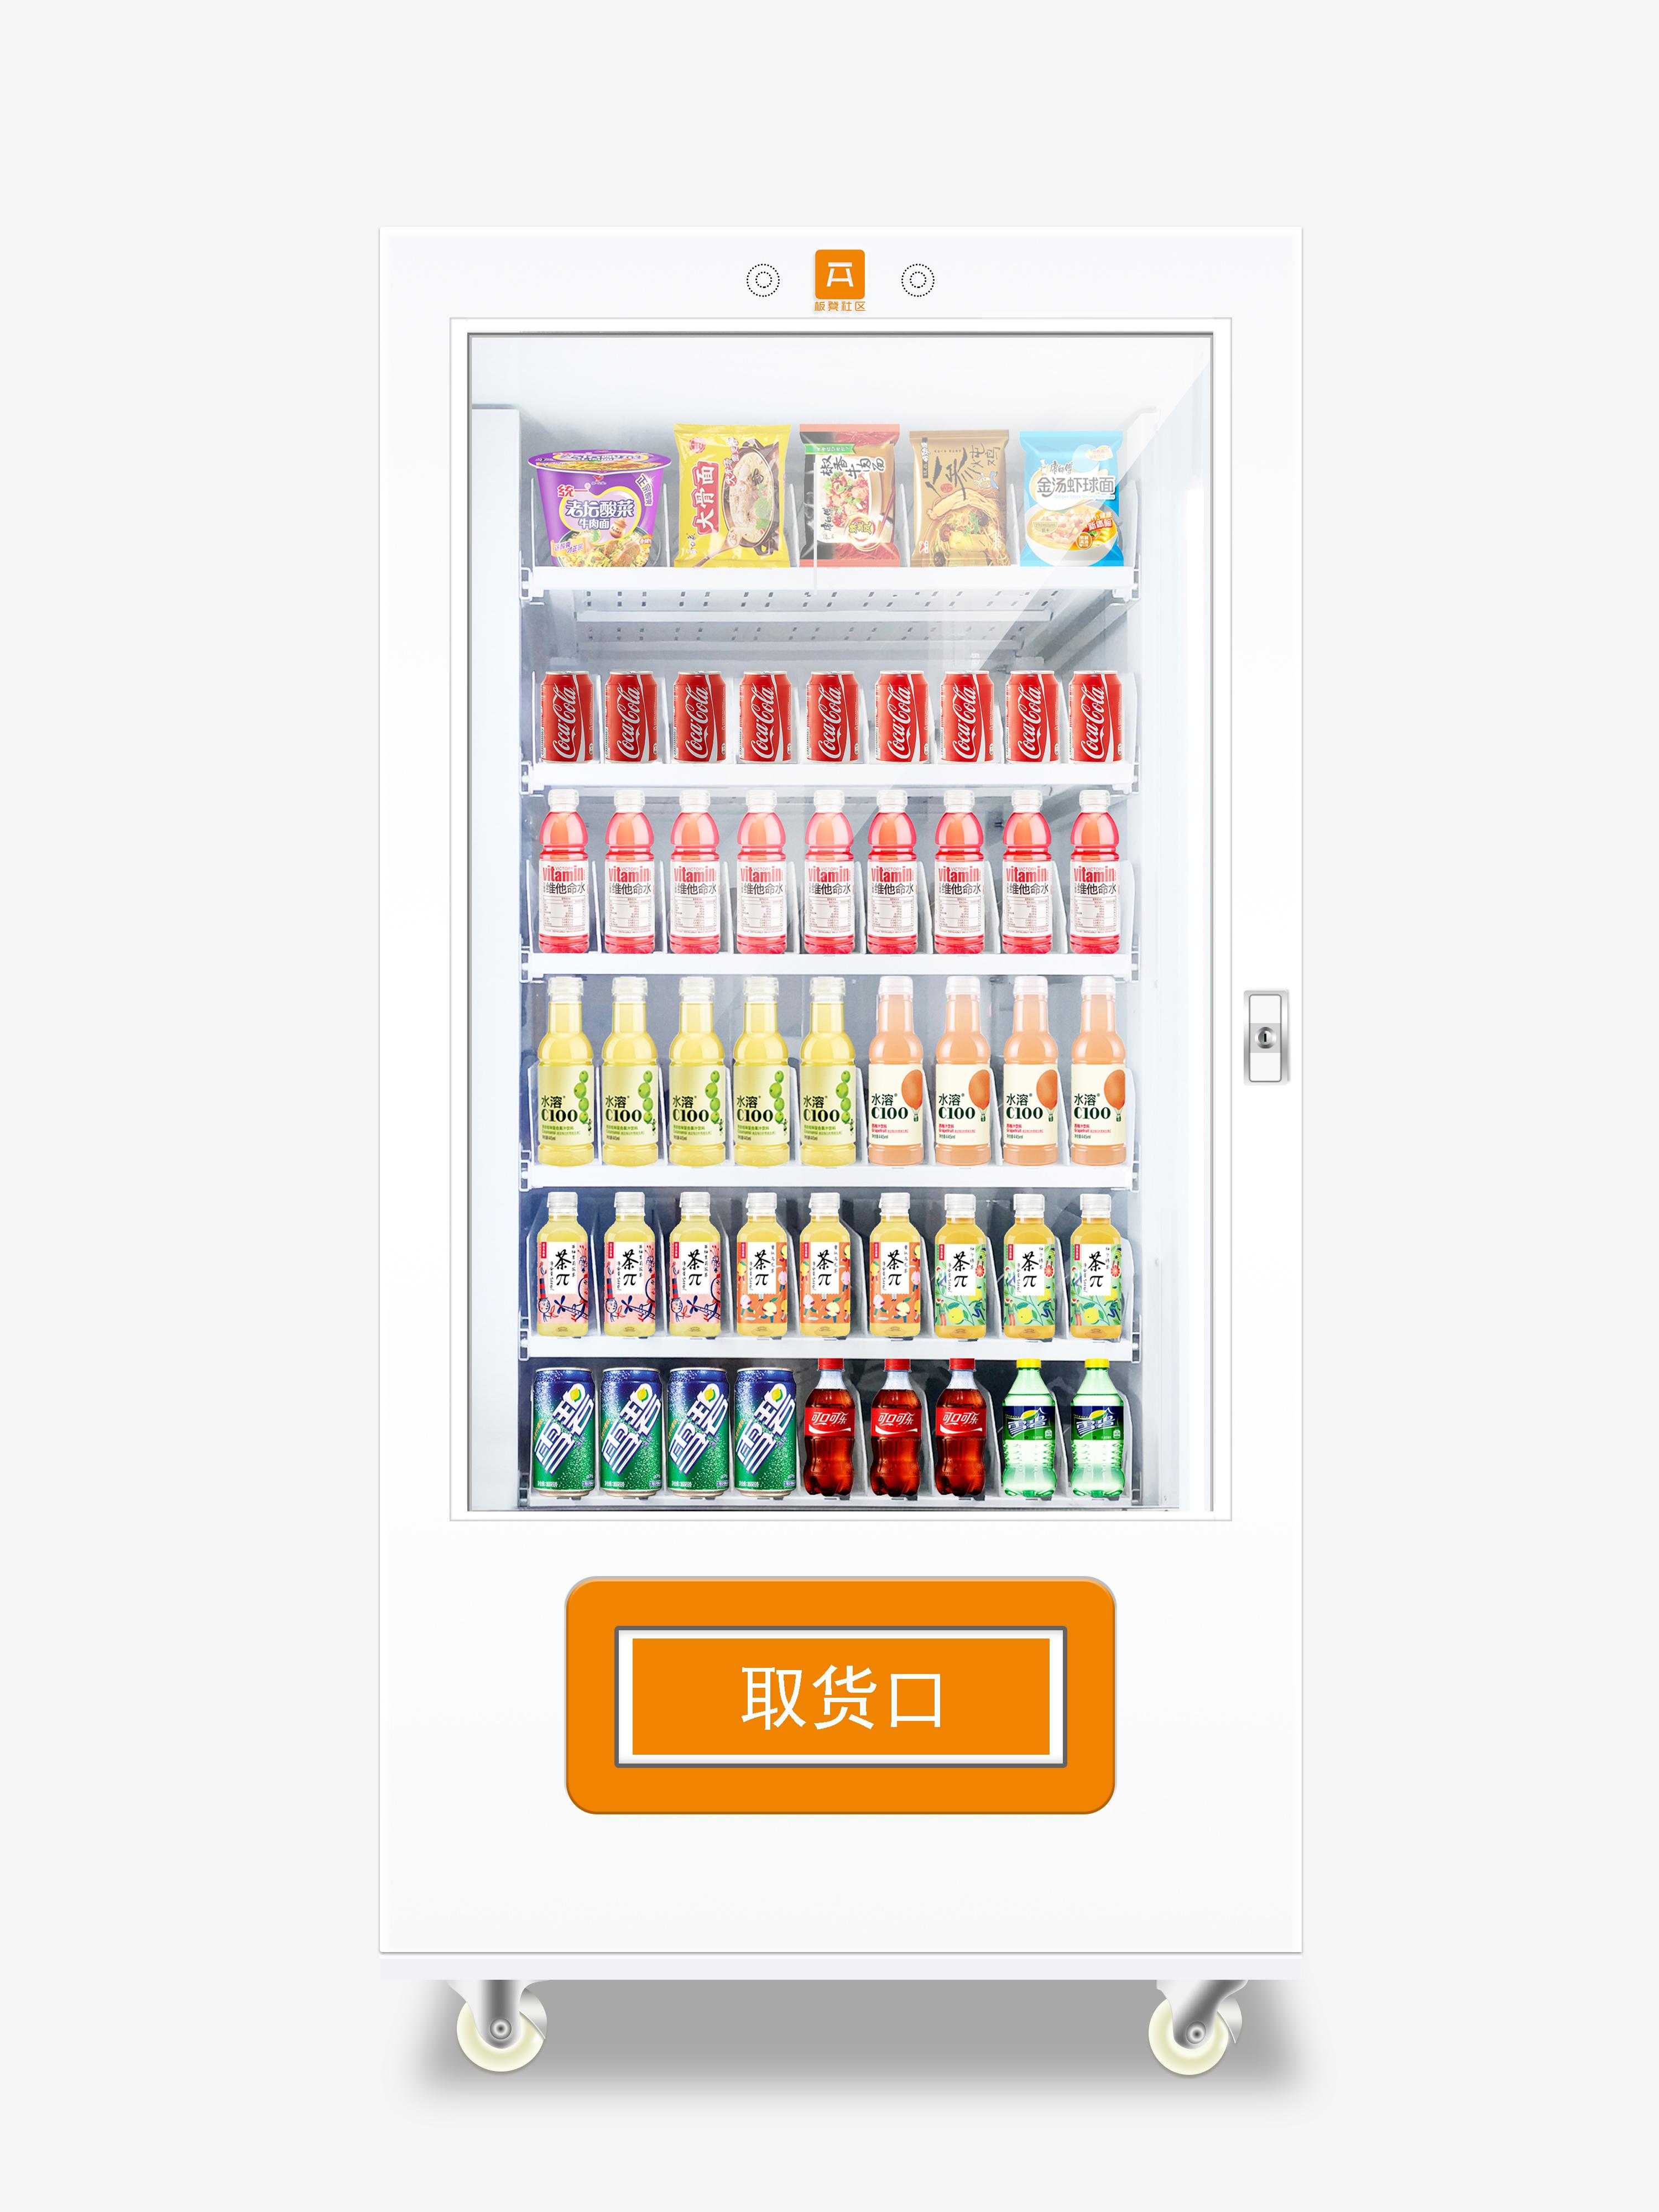 自动售货机 饮料自动售货机厂家